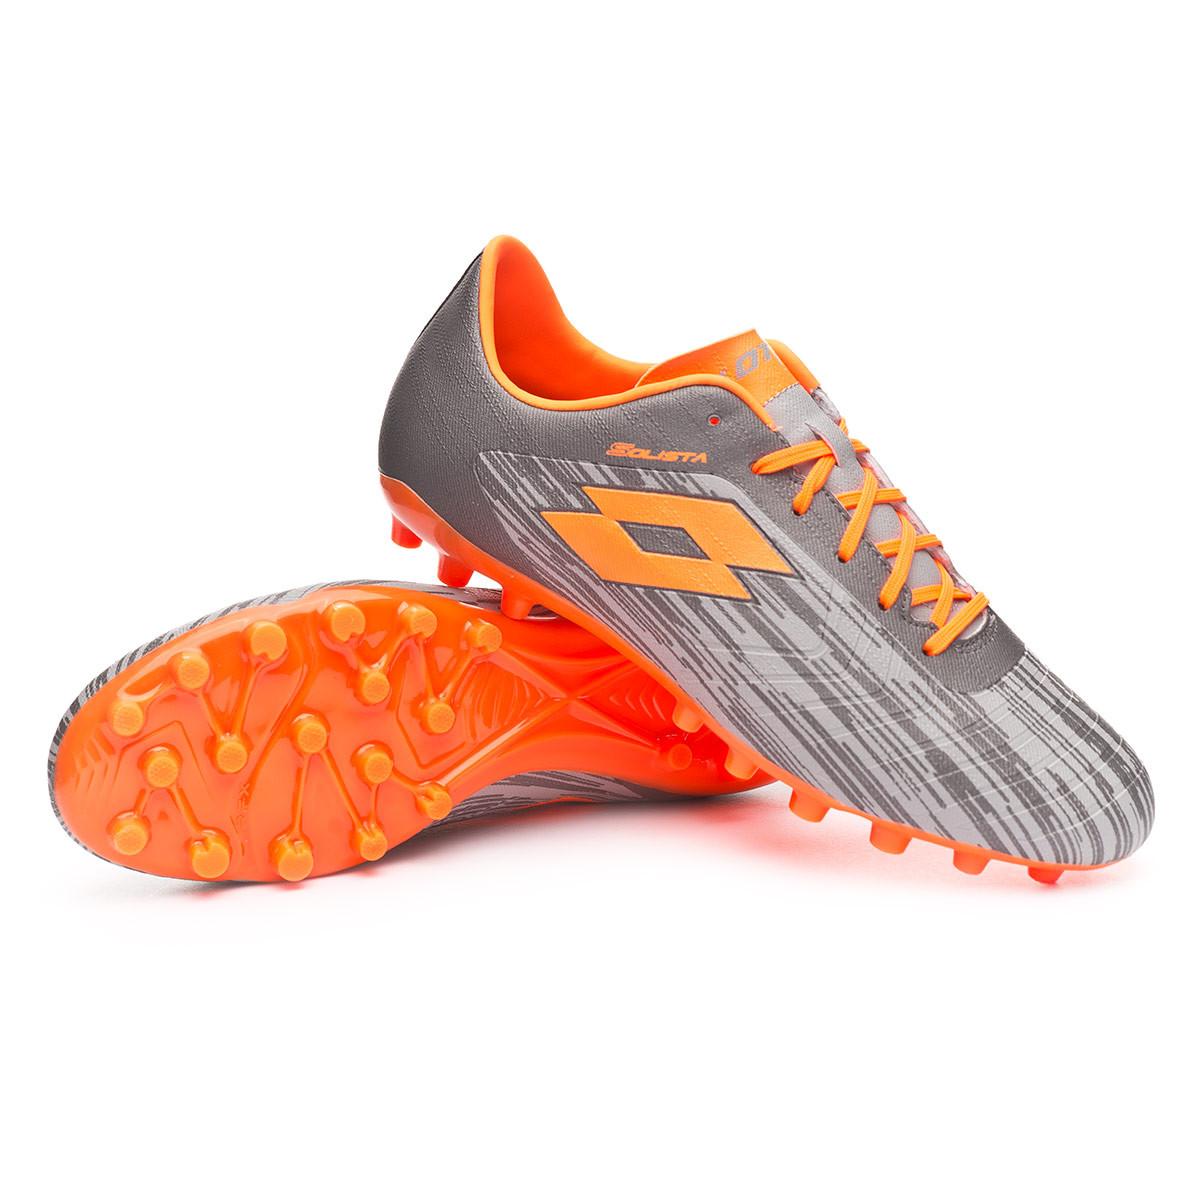 Football Boots Lotto Solista 700 III